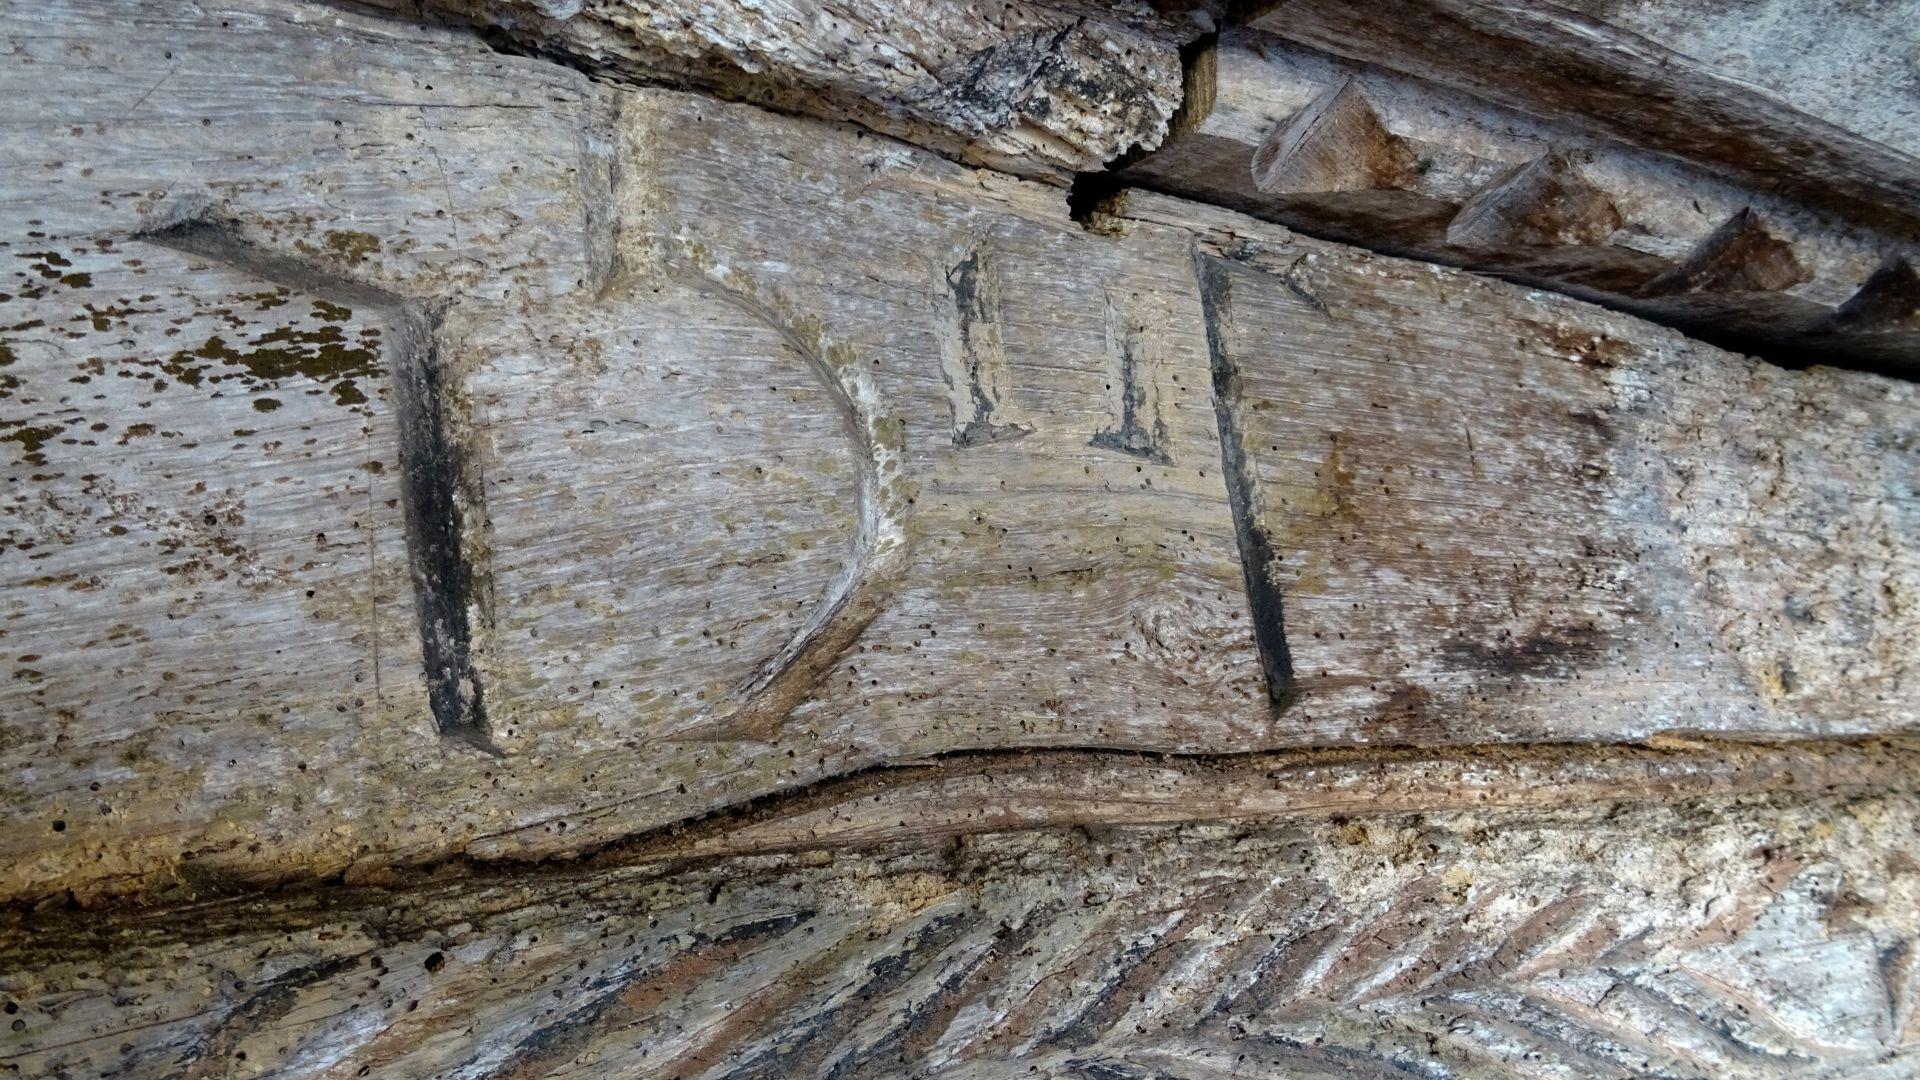 Este horro tiene la fecha de su construcción, con los números de la época, grabada en el liño: 1507